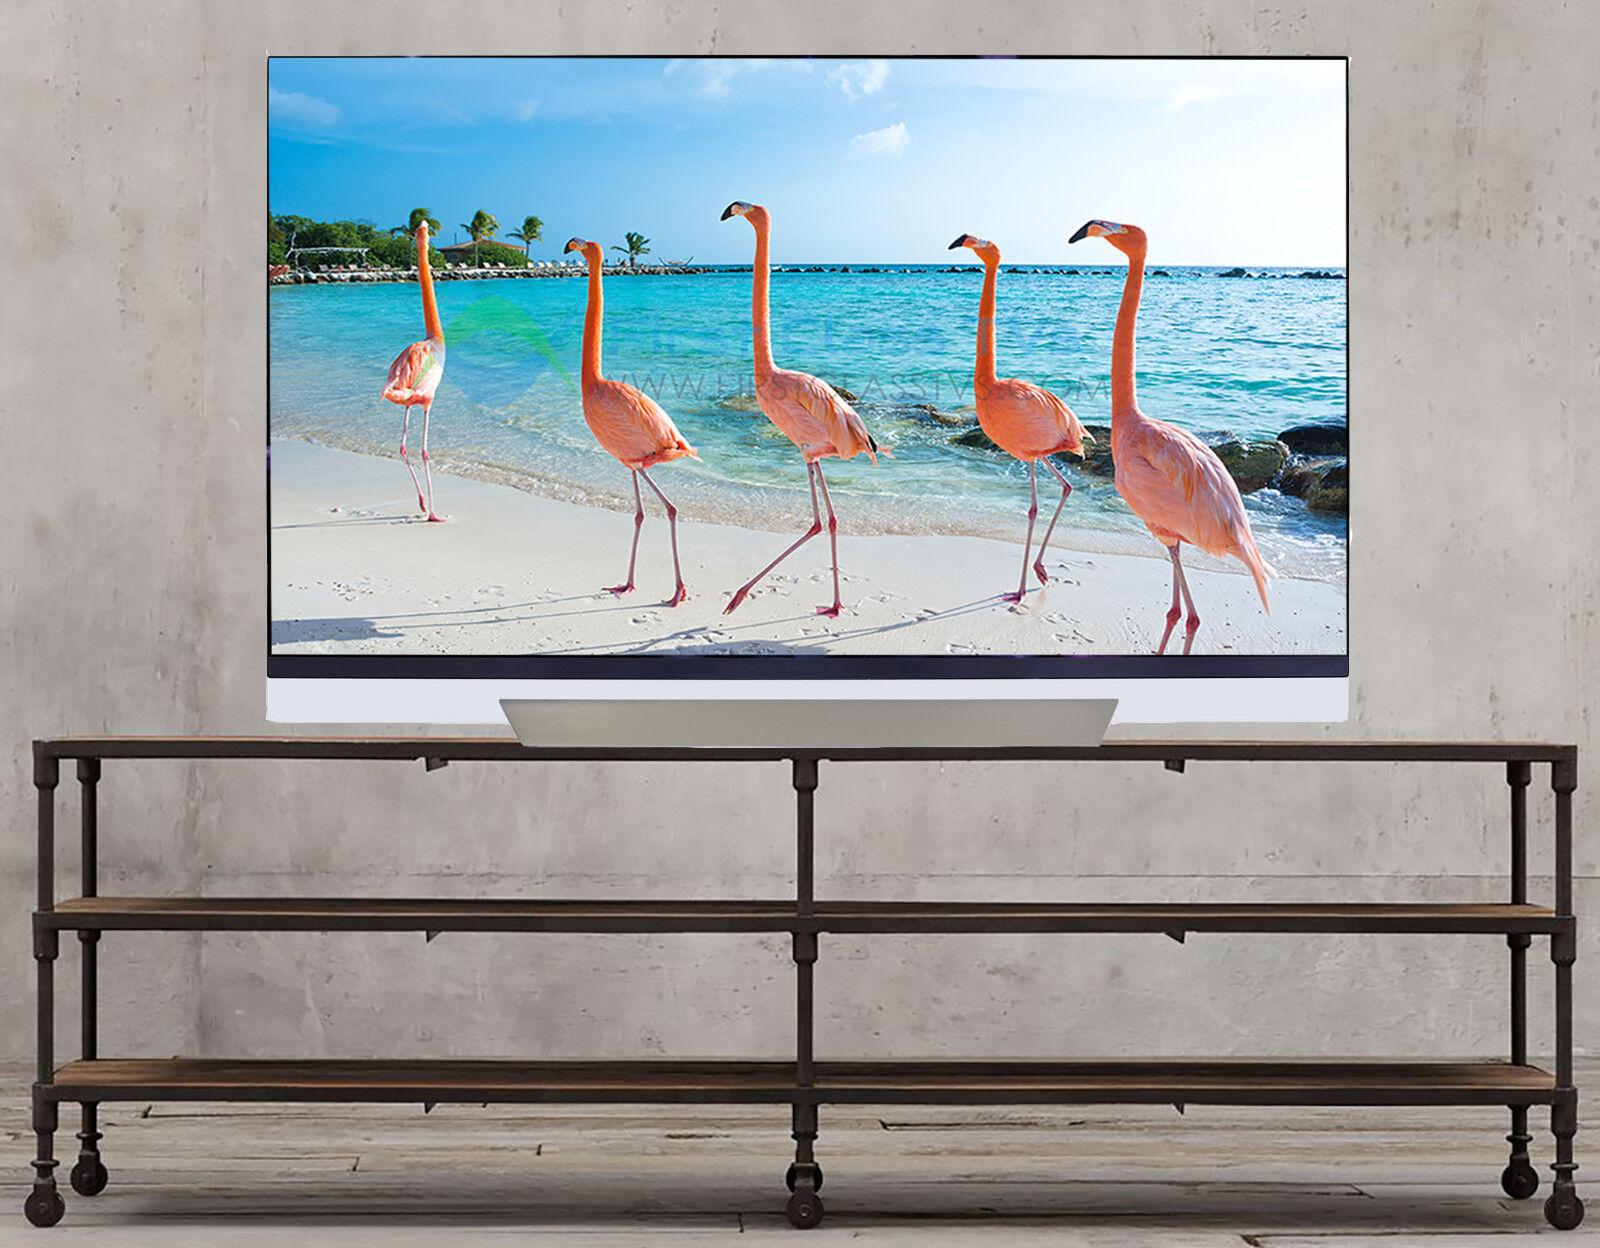 LG OLED65E8P 65 4K HDR Smart AI OLED TV w/ ThinQ - 65 Class - OLED65E8PUA. Available Now for 1799.00